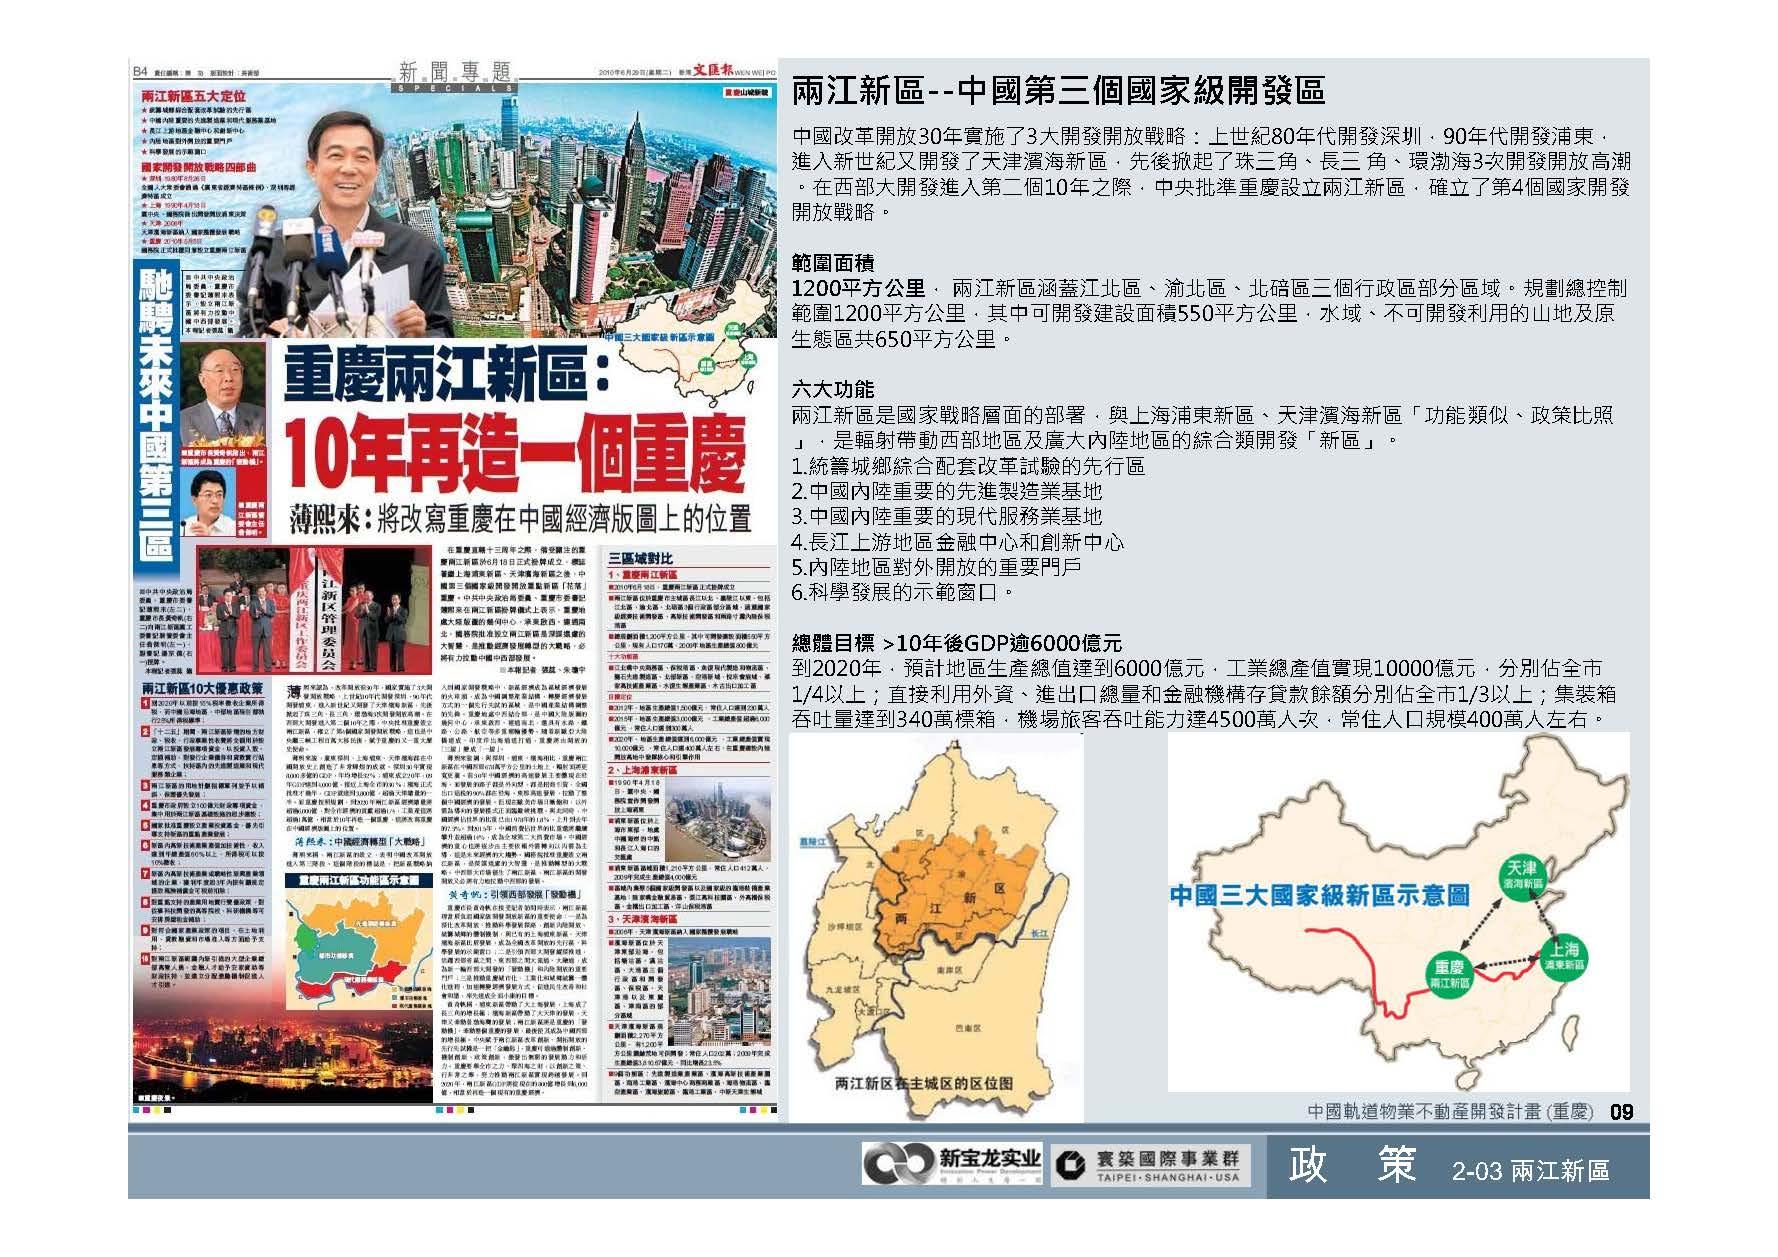 20100812-中國軌道物業不動產開發計畫(重慶)_頁面_10